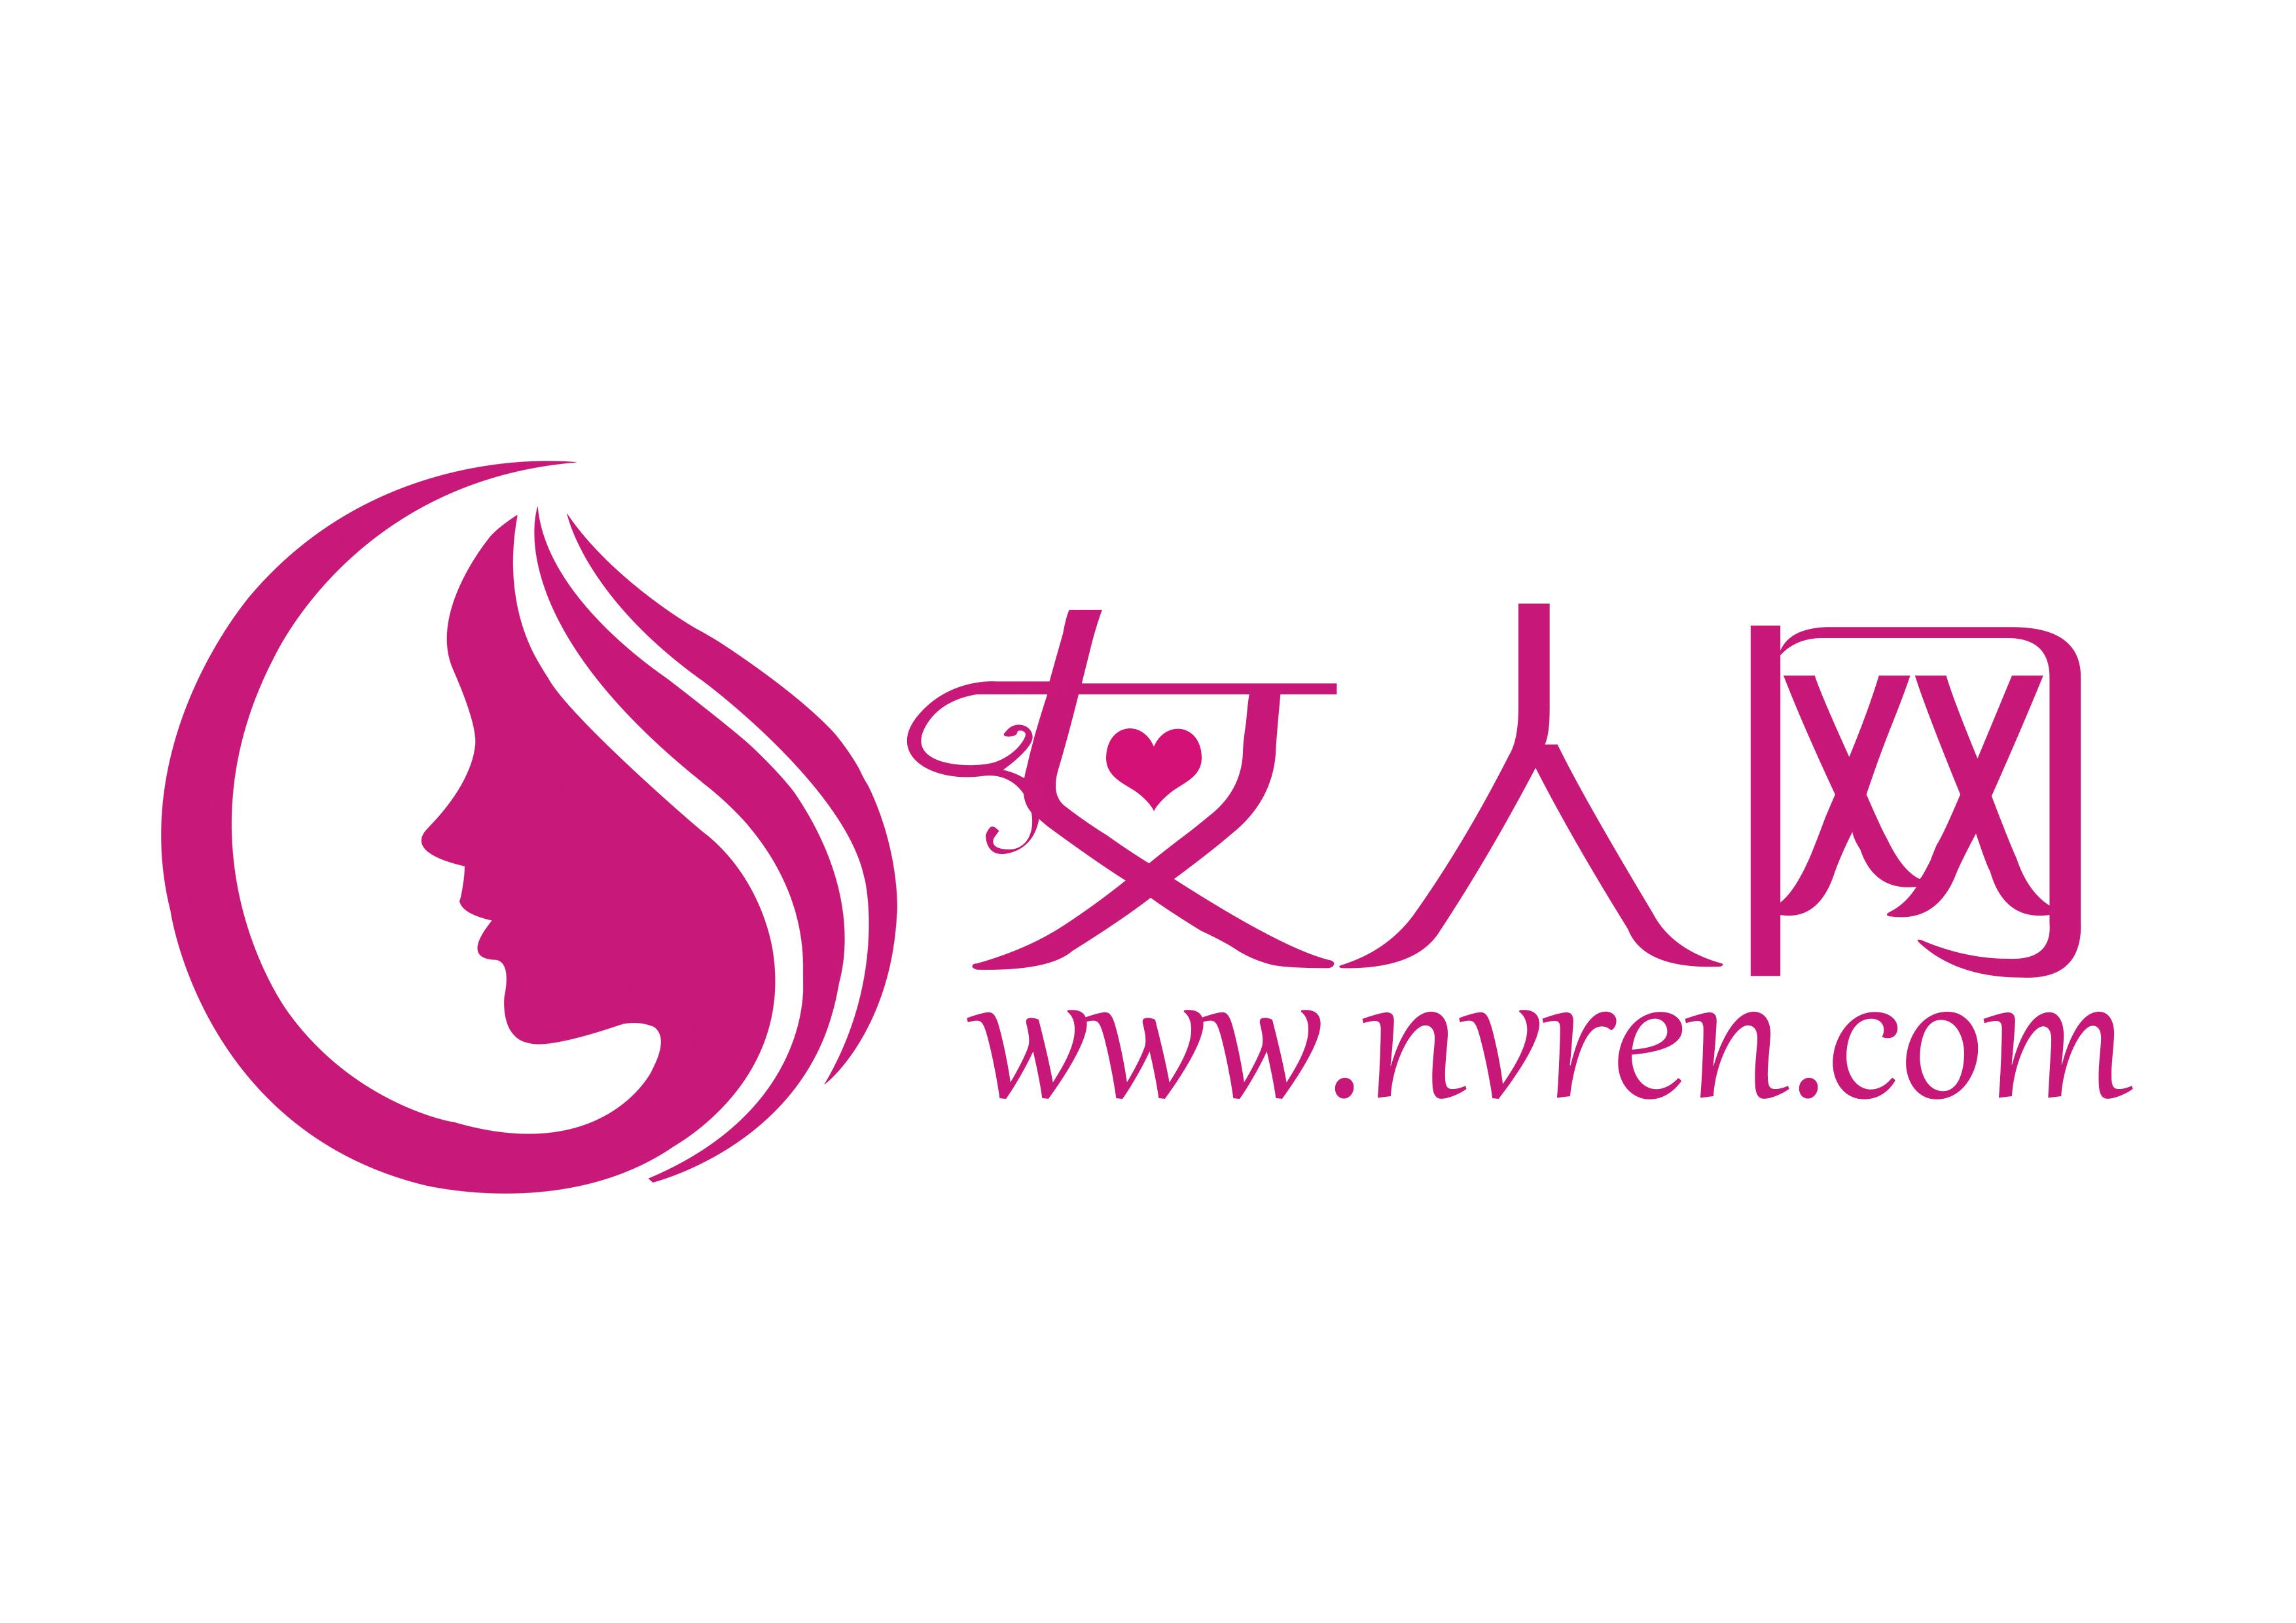 美容美发logo图片图片